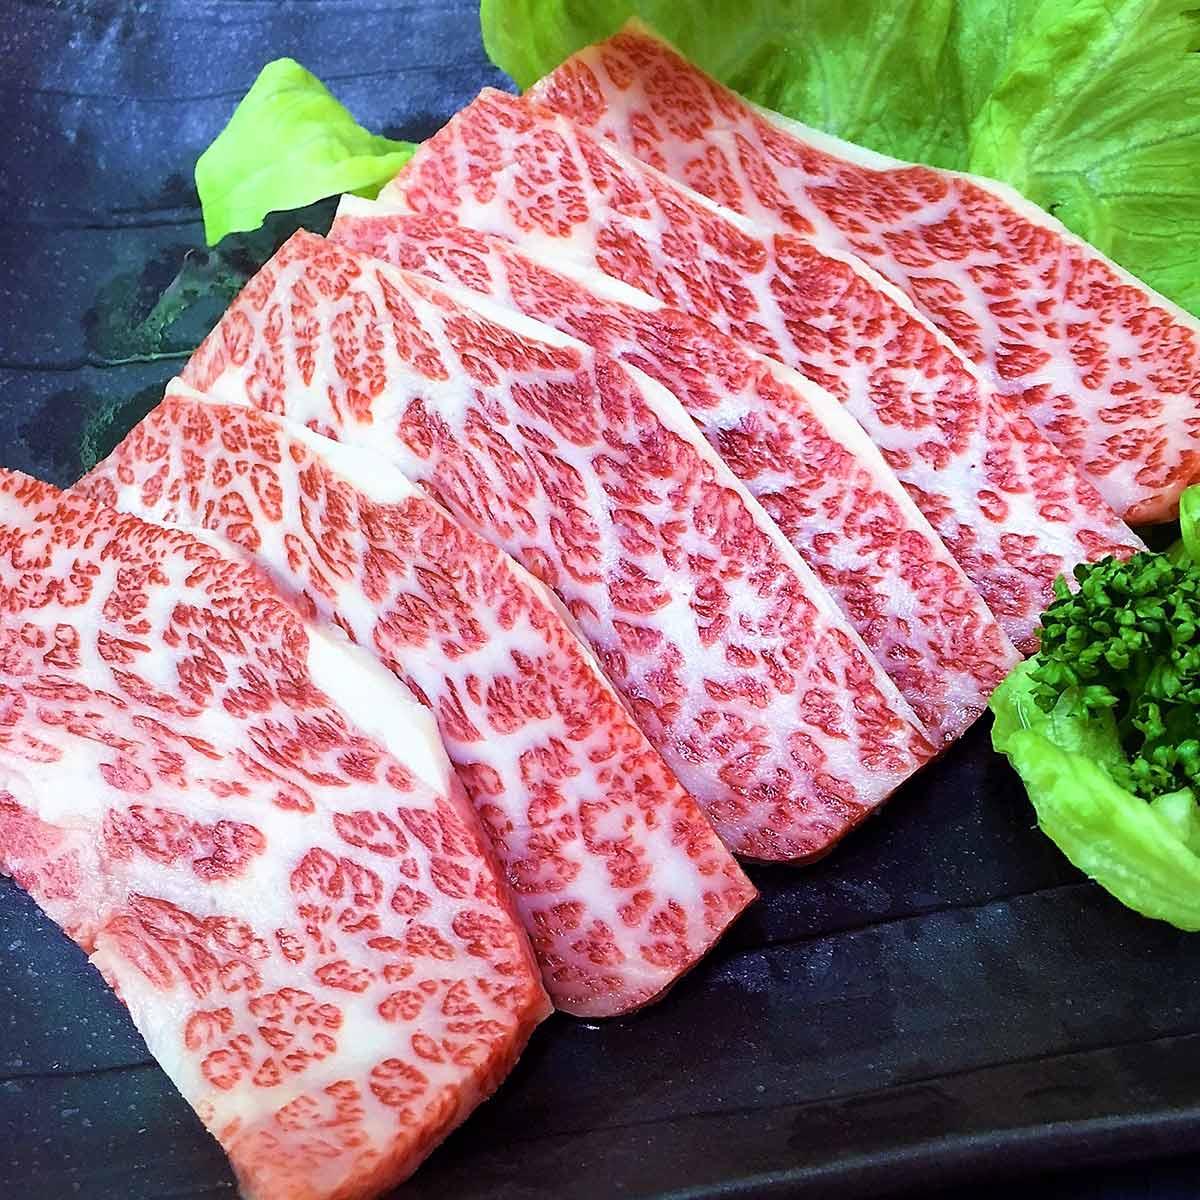 【肉の大場】米沢牛 焼肉用カルビ500g